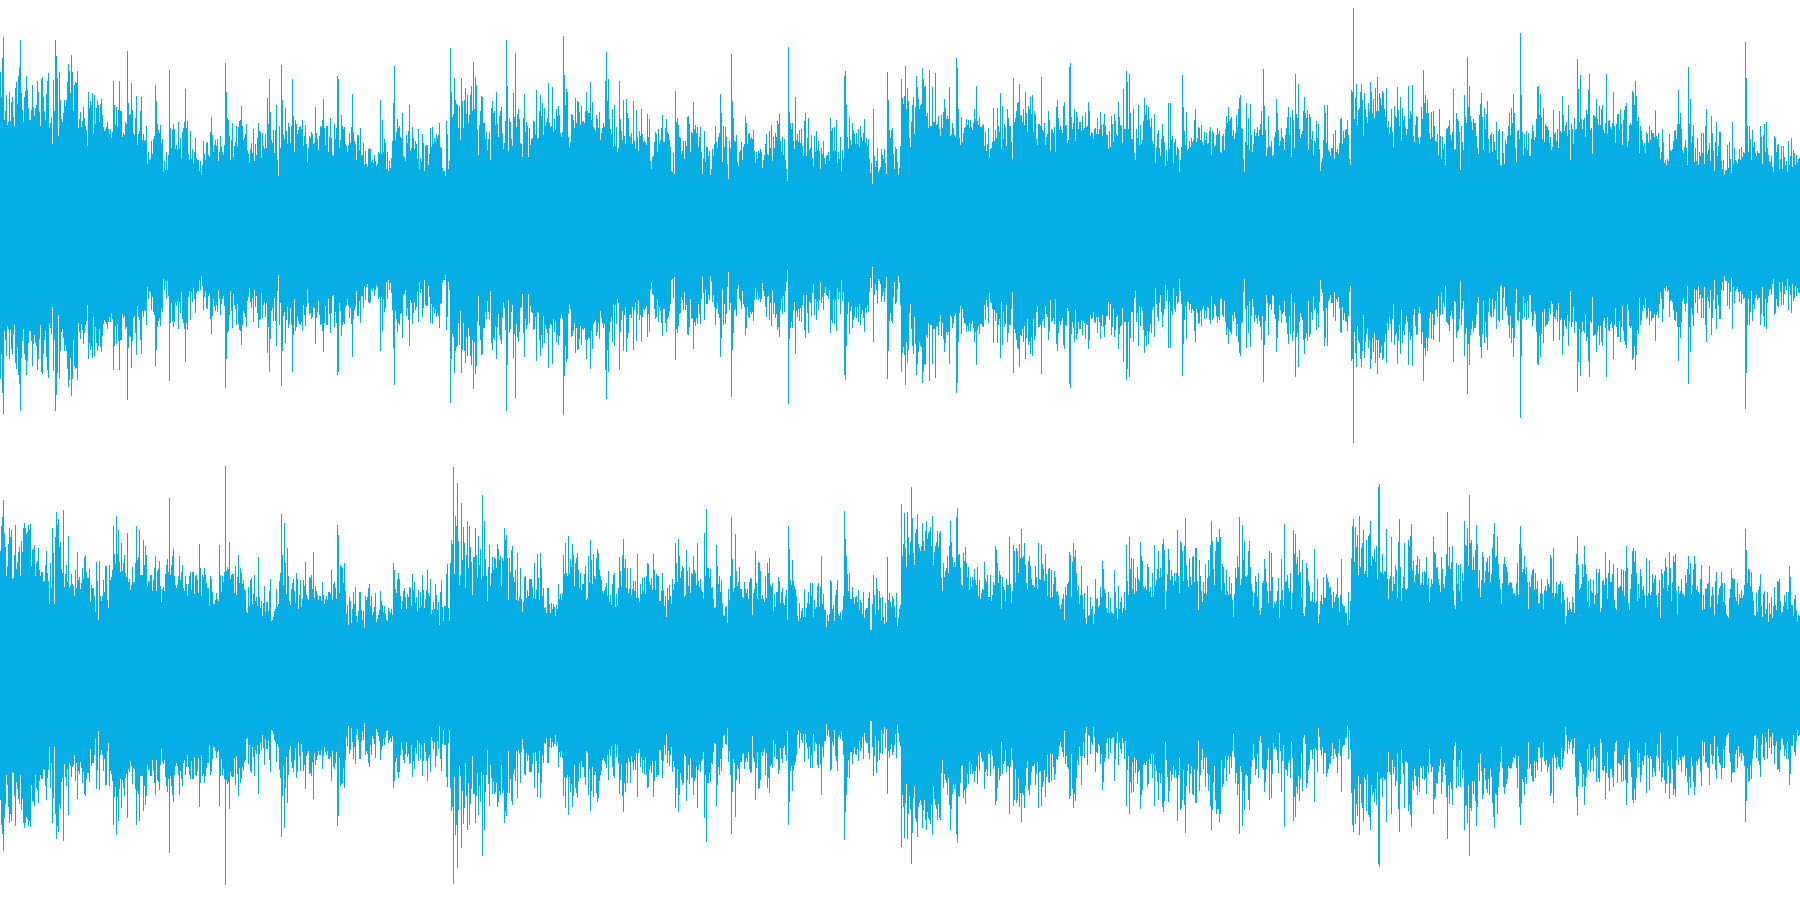 凄惨な現場・残虐な悪役【ループ再生用】の再生済みの波形